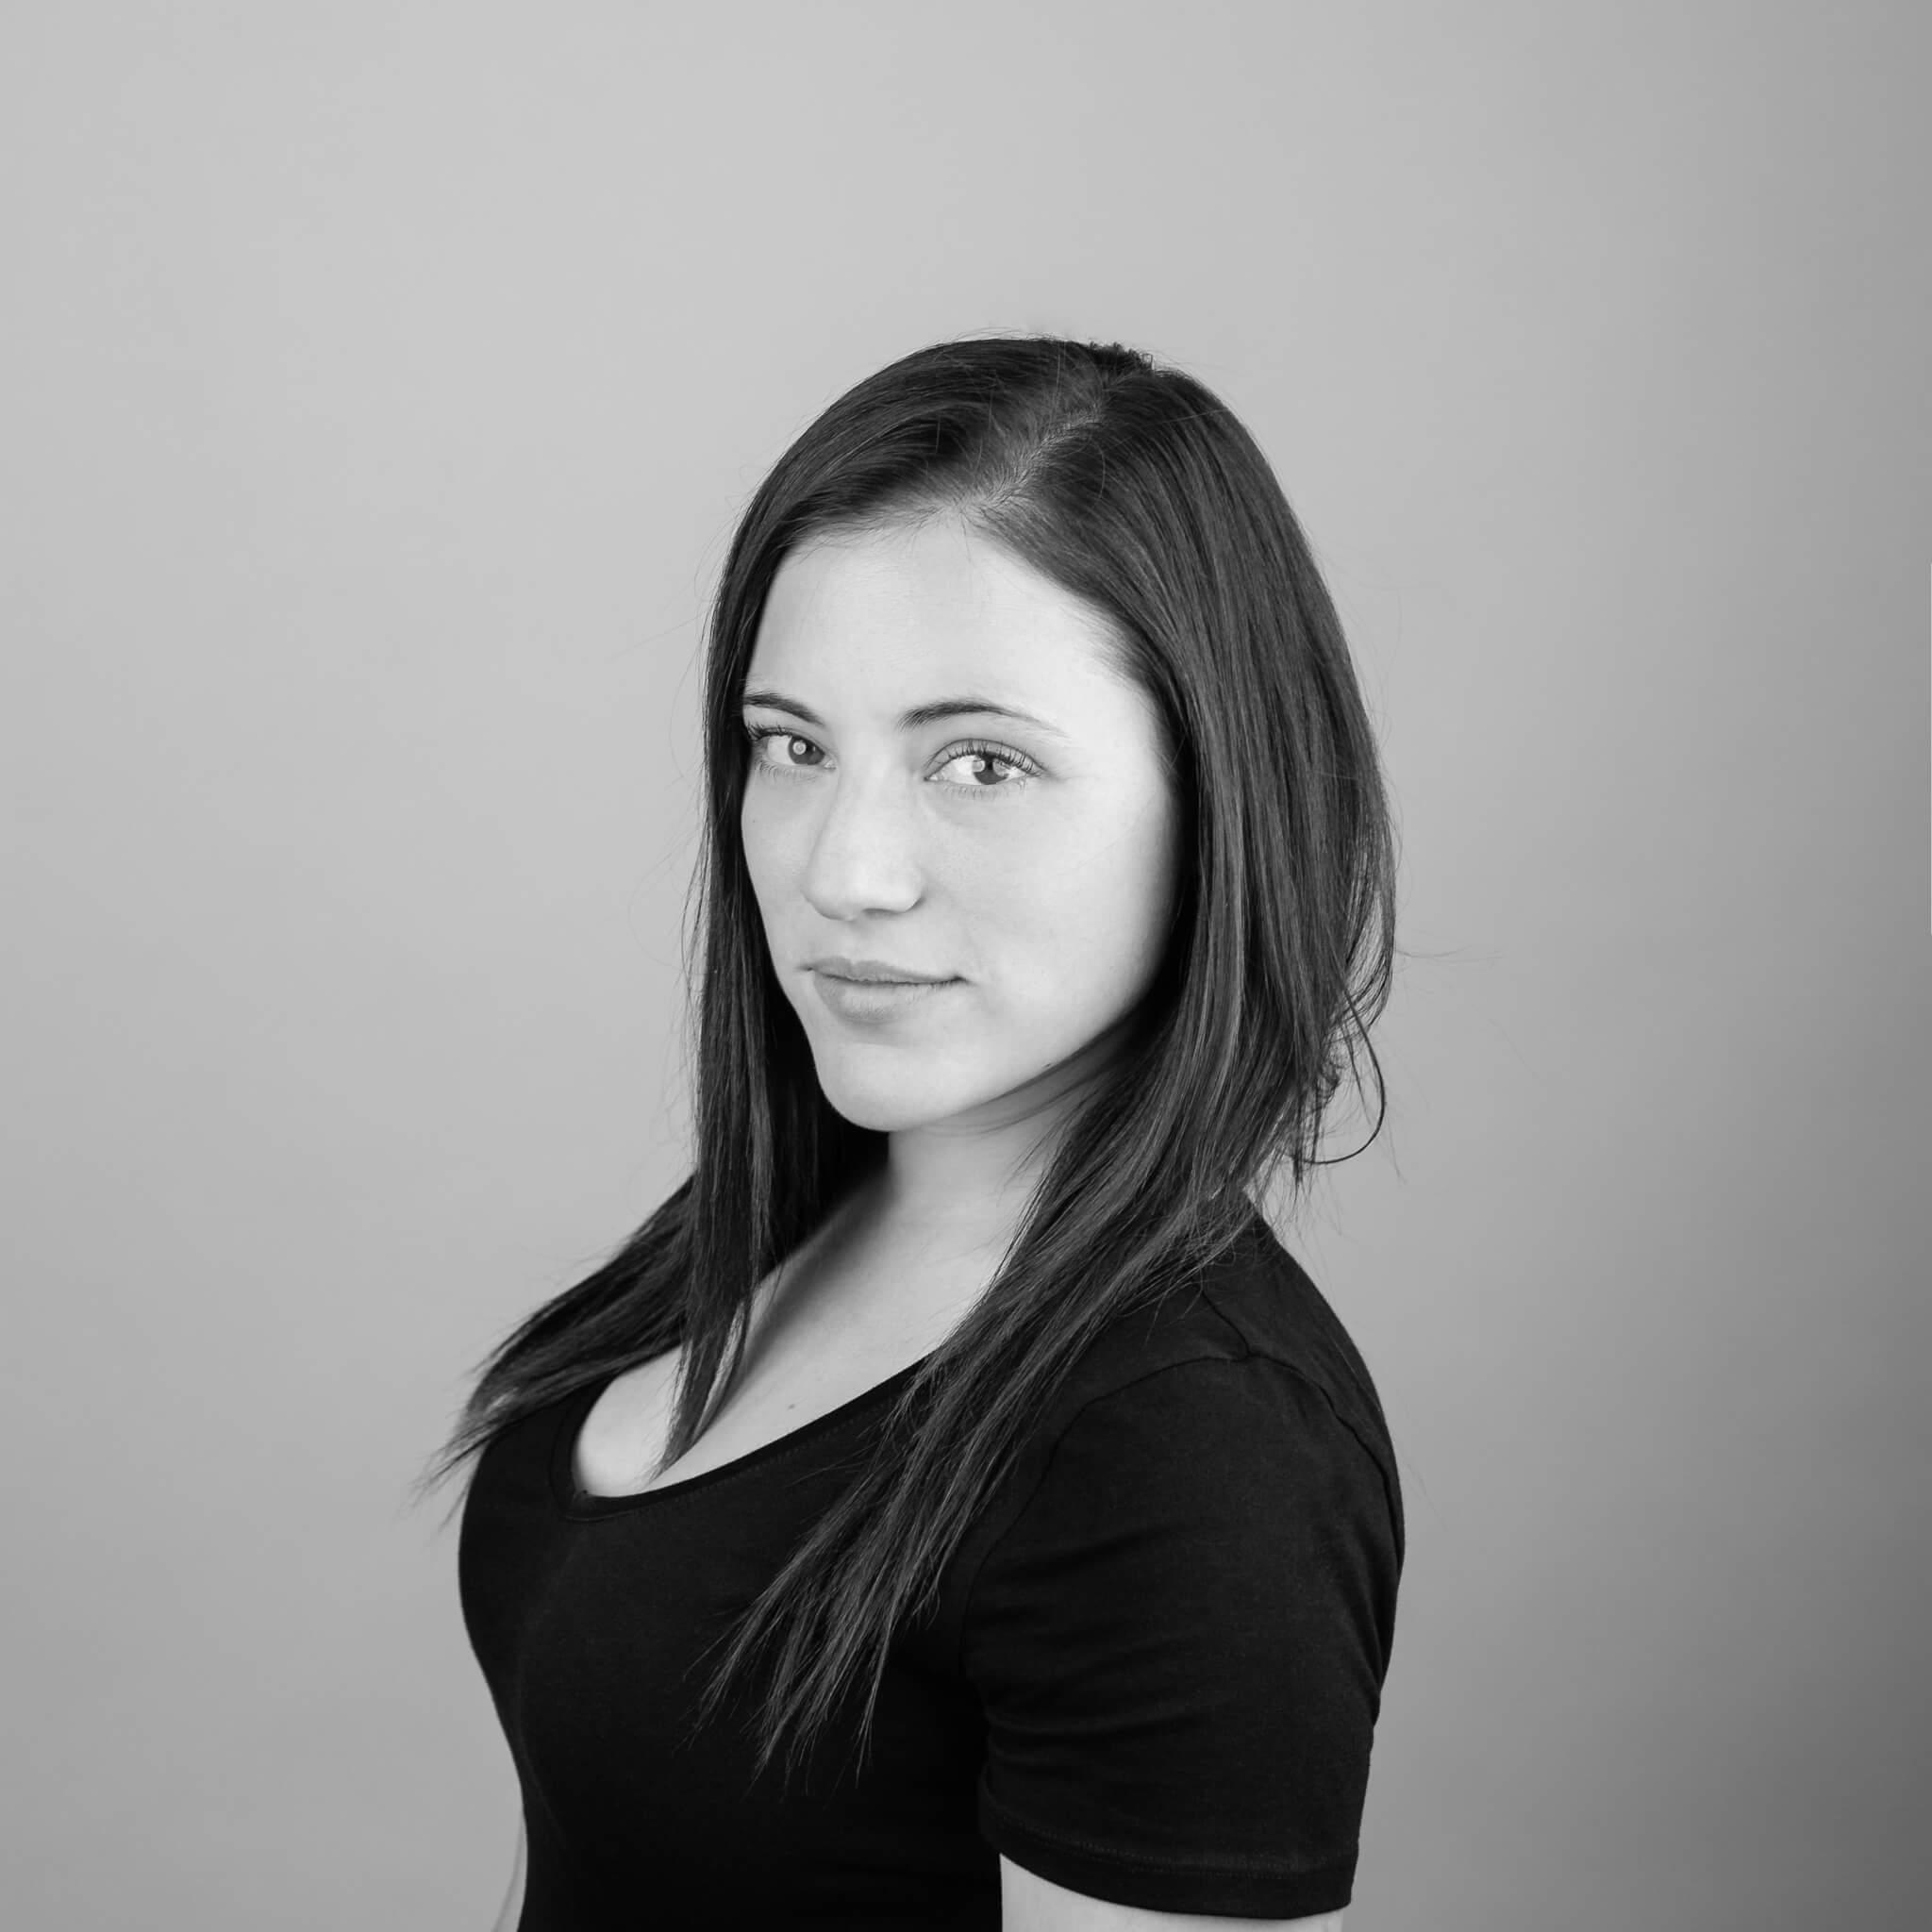 Cheryl Feinberg